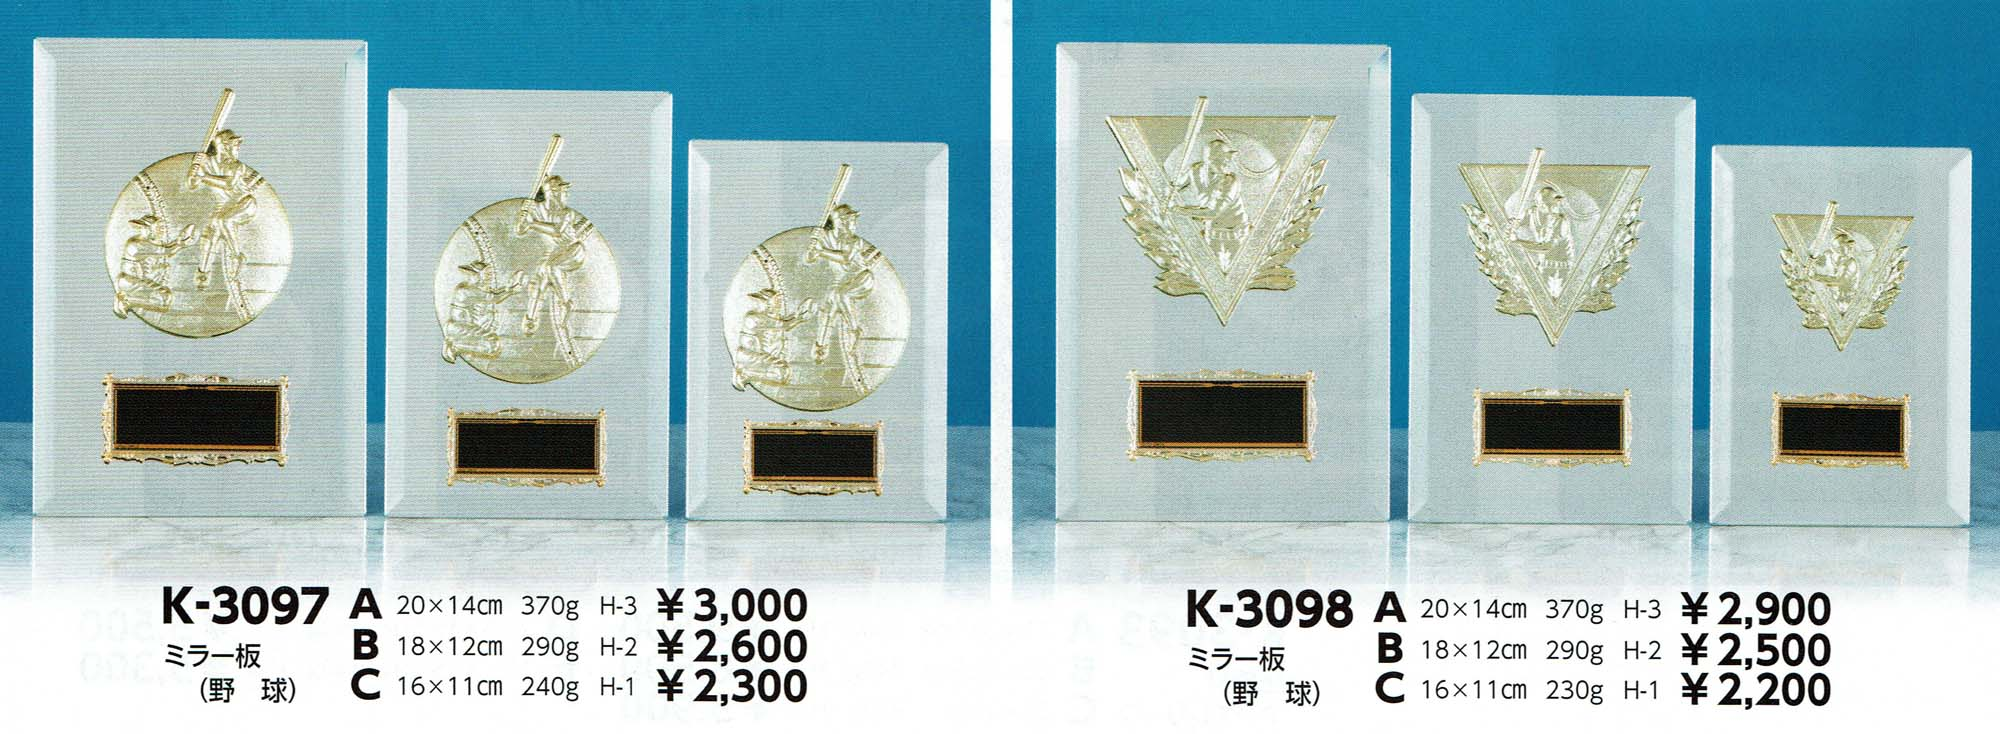 K3097、K3098